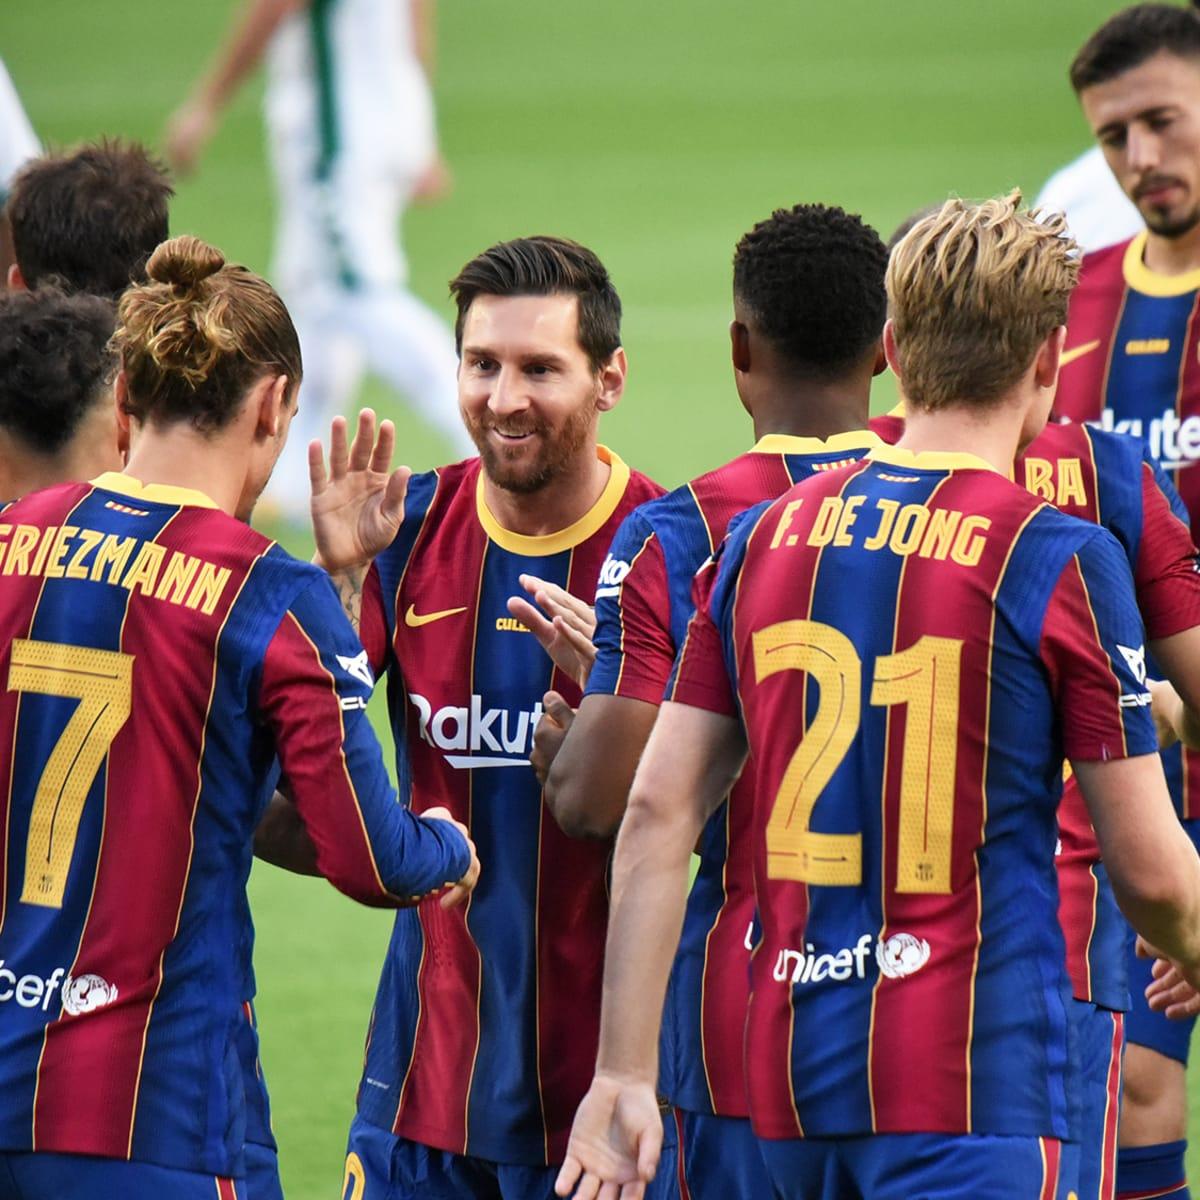 Juventus Vs Barcelona Live Stream Watch Ucl Online Tv Lineups Sports Illustrated Sportek sk mobil uygulaması ios ve android marketlerde.📲 #yenidensportek #sporteksk sporcu yetiştirme merkezi basketbol t: juventus vs barcelona live stream